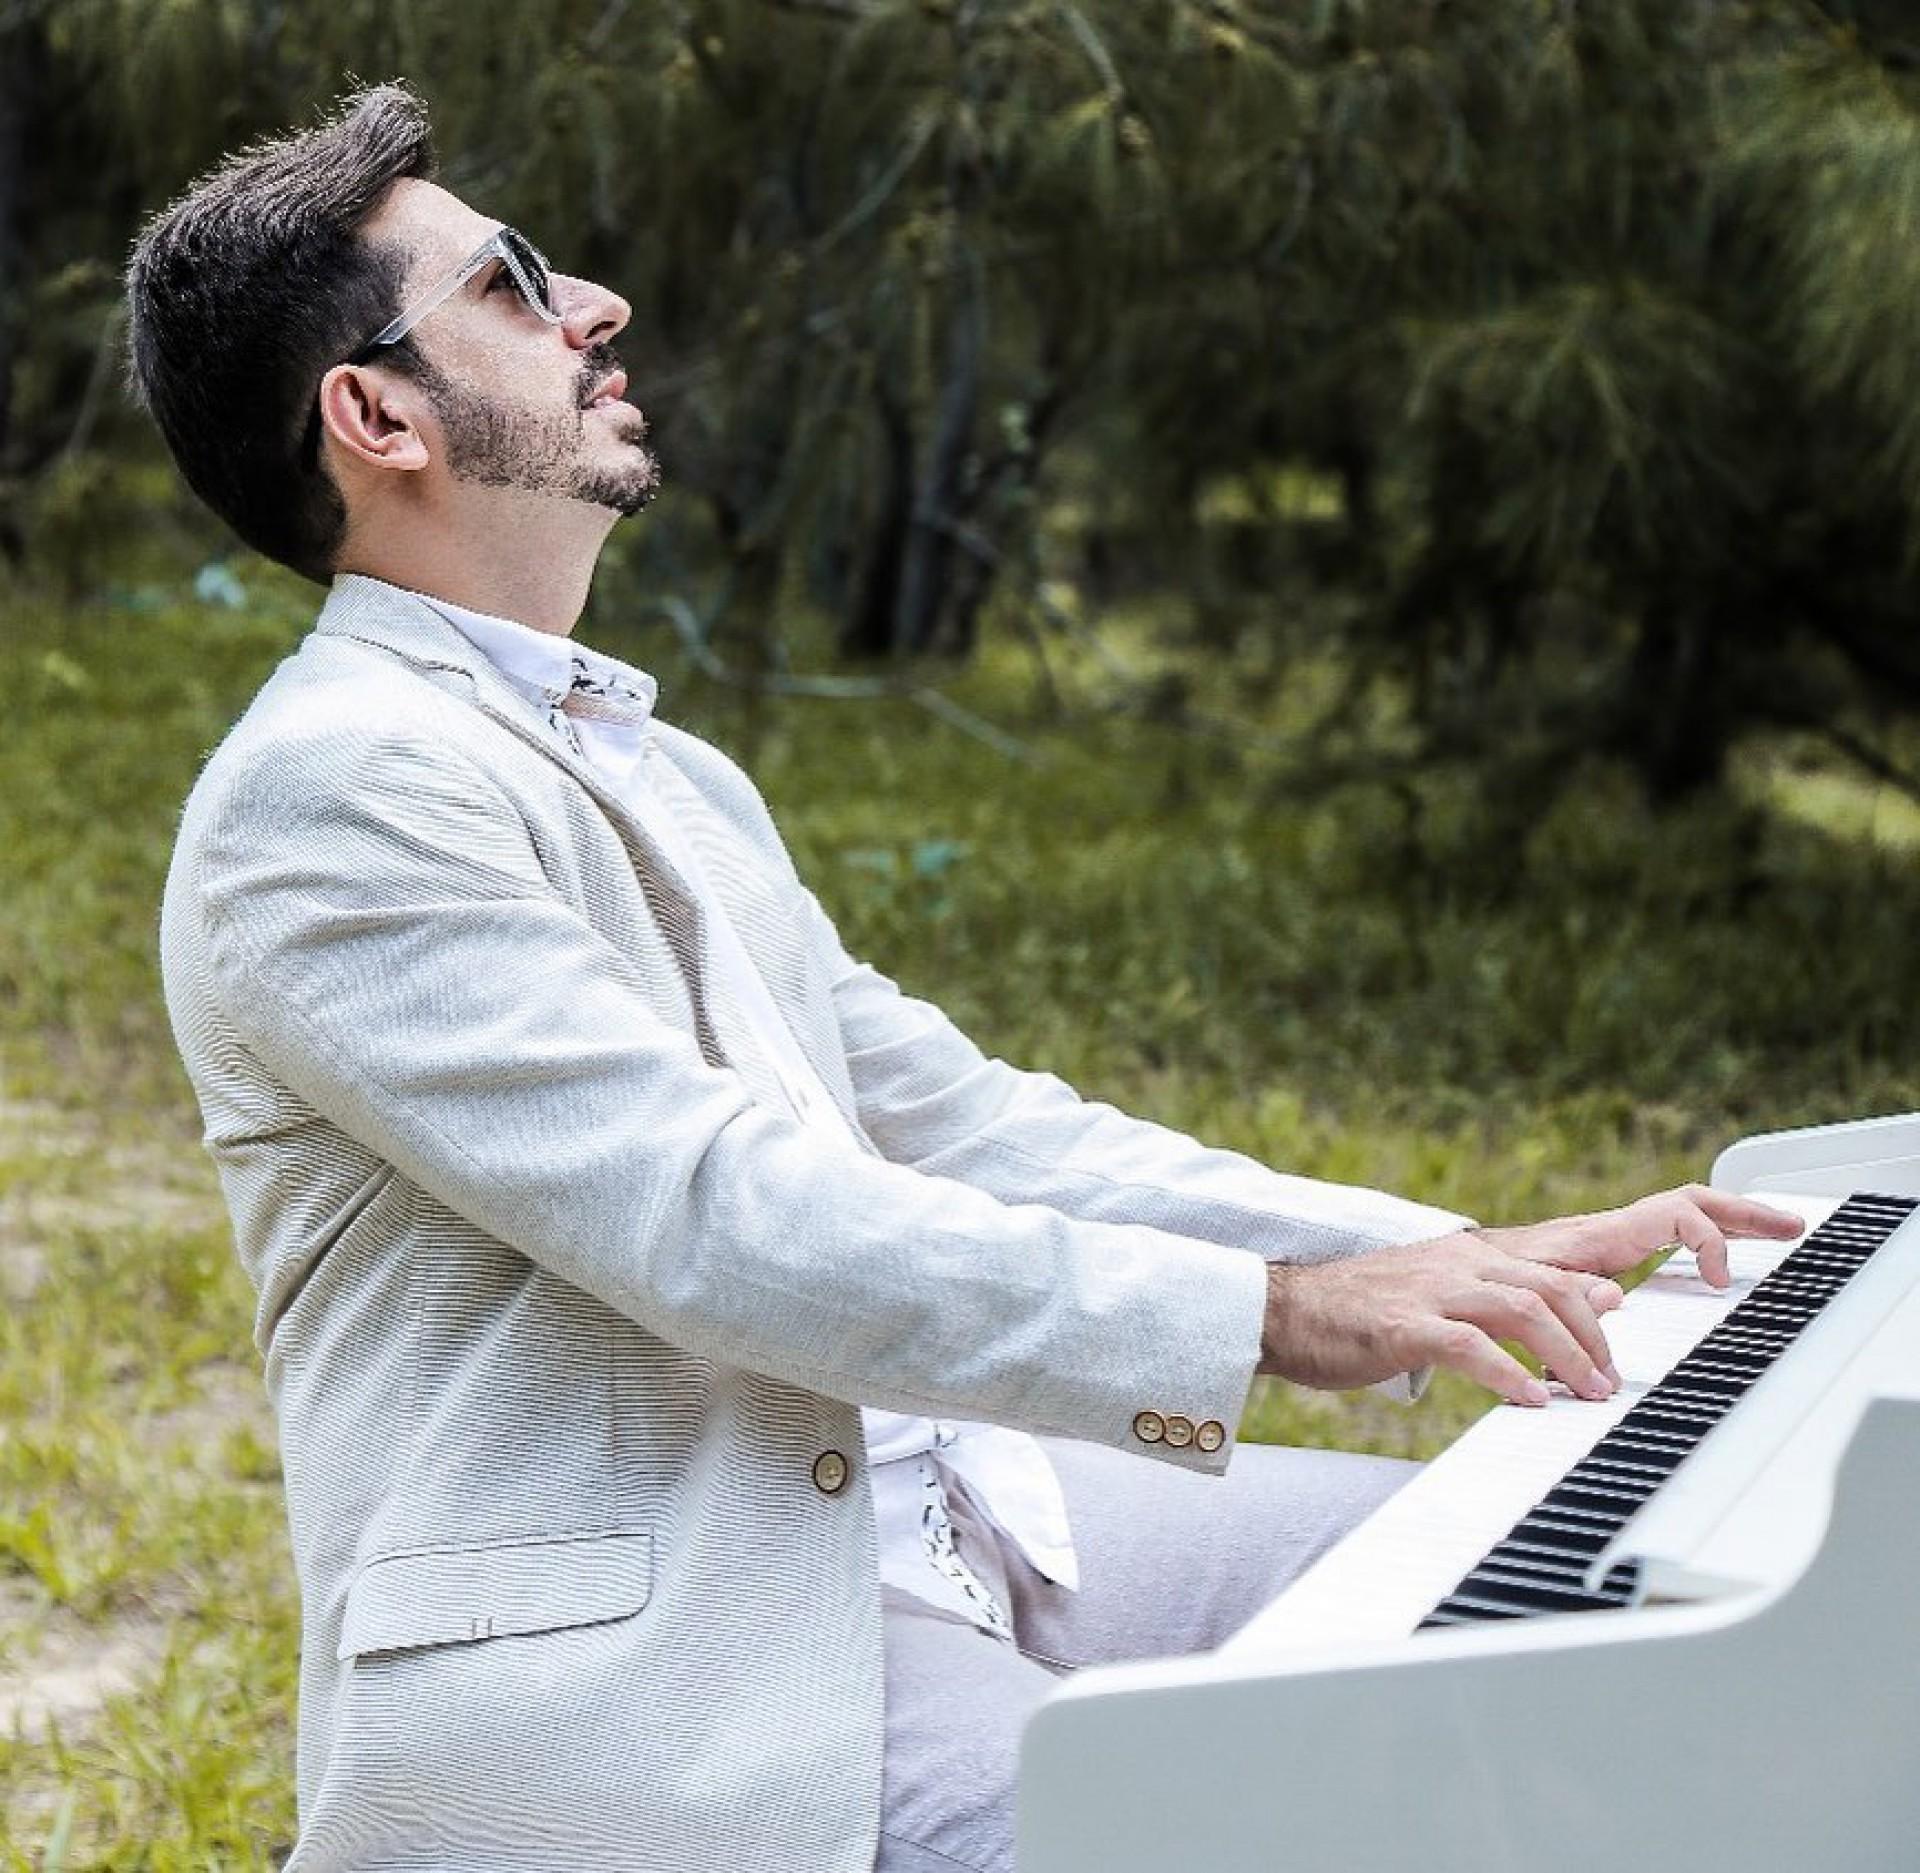 A música de Felipe Adjafre continua desenvolvendo na cidade a alegria. São muitos os projetos realizados durante esta Pandemia. O último pode ser curtido amanhã. Na Praça BS, das 17 às 18h30min, sempre às terças e quintas-feiras, Felipe faz desfilar um repertório musical apaixonante